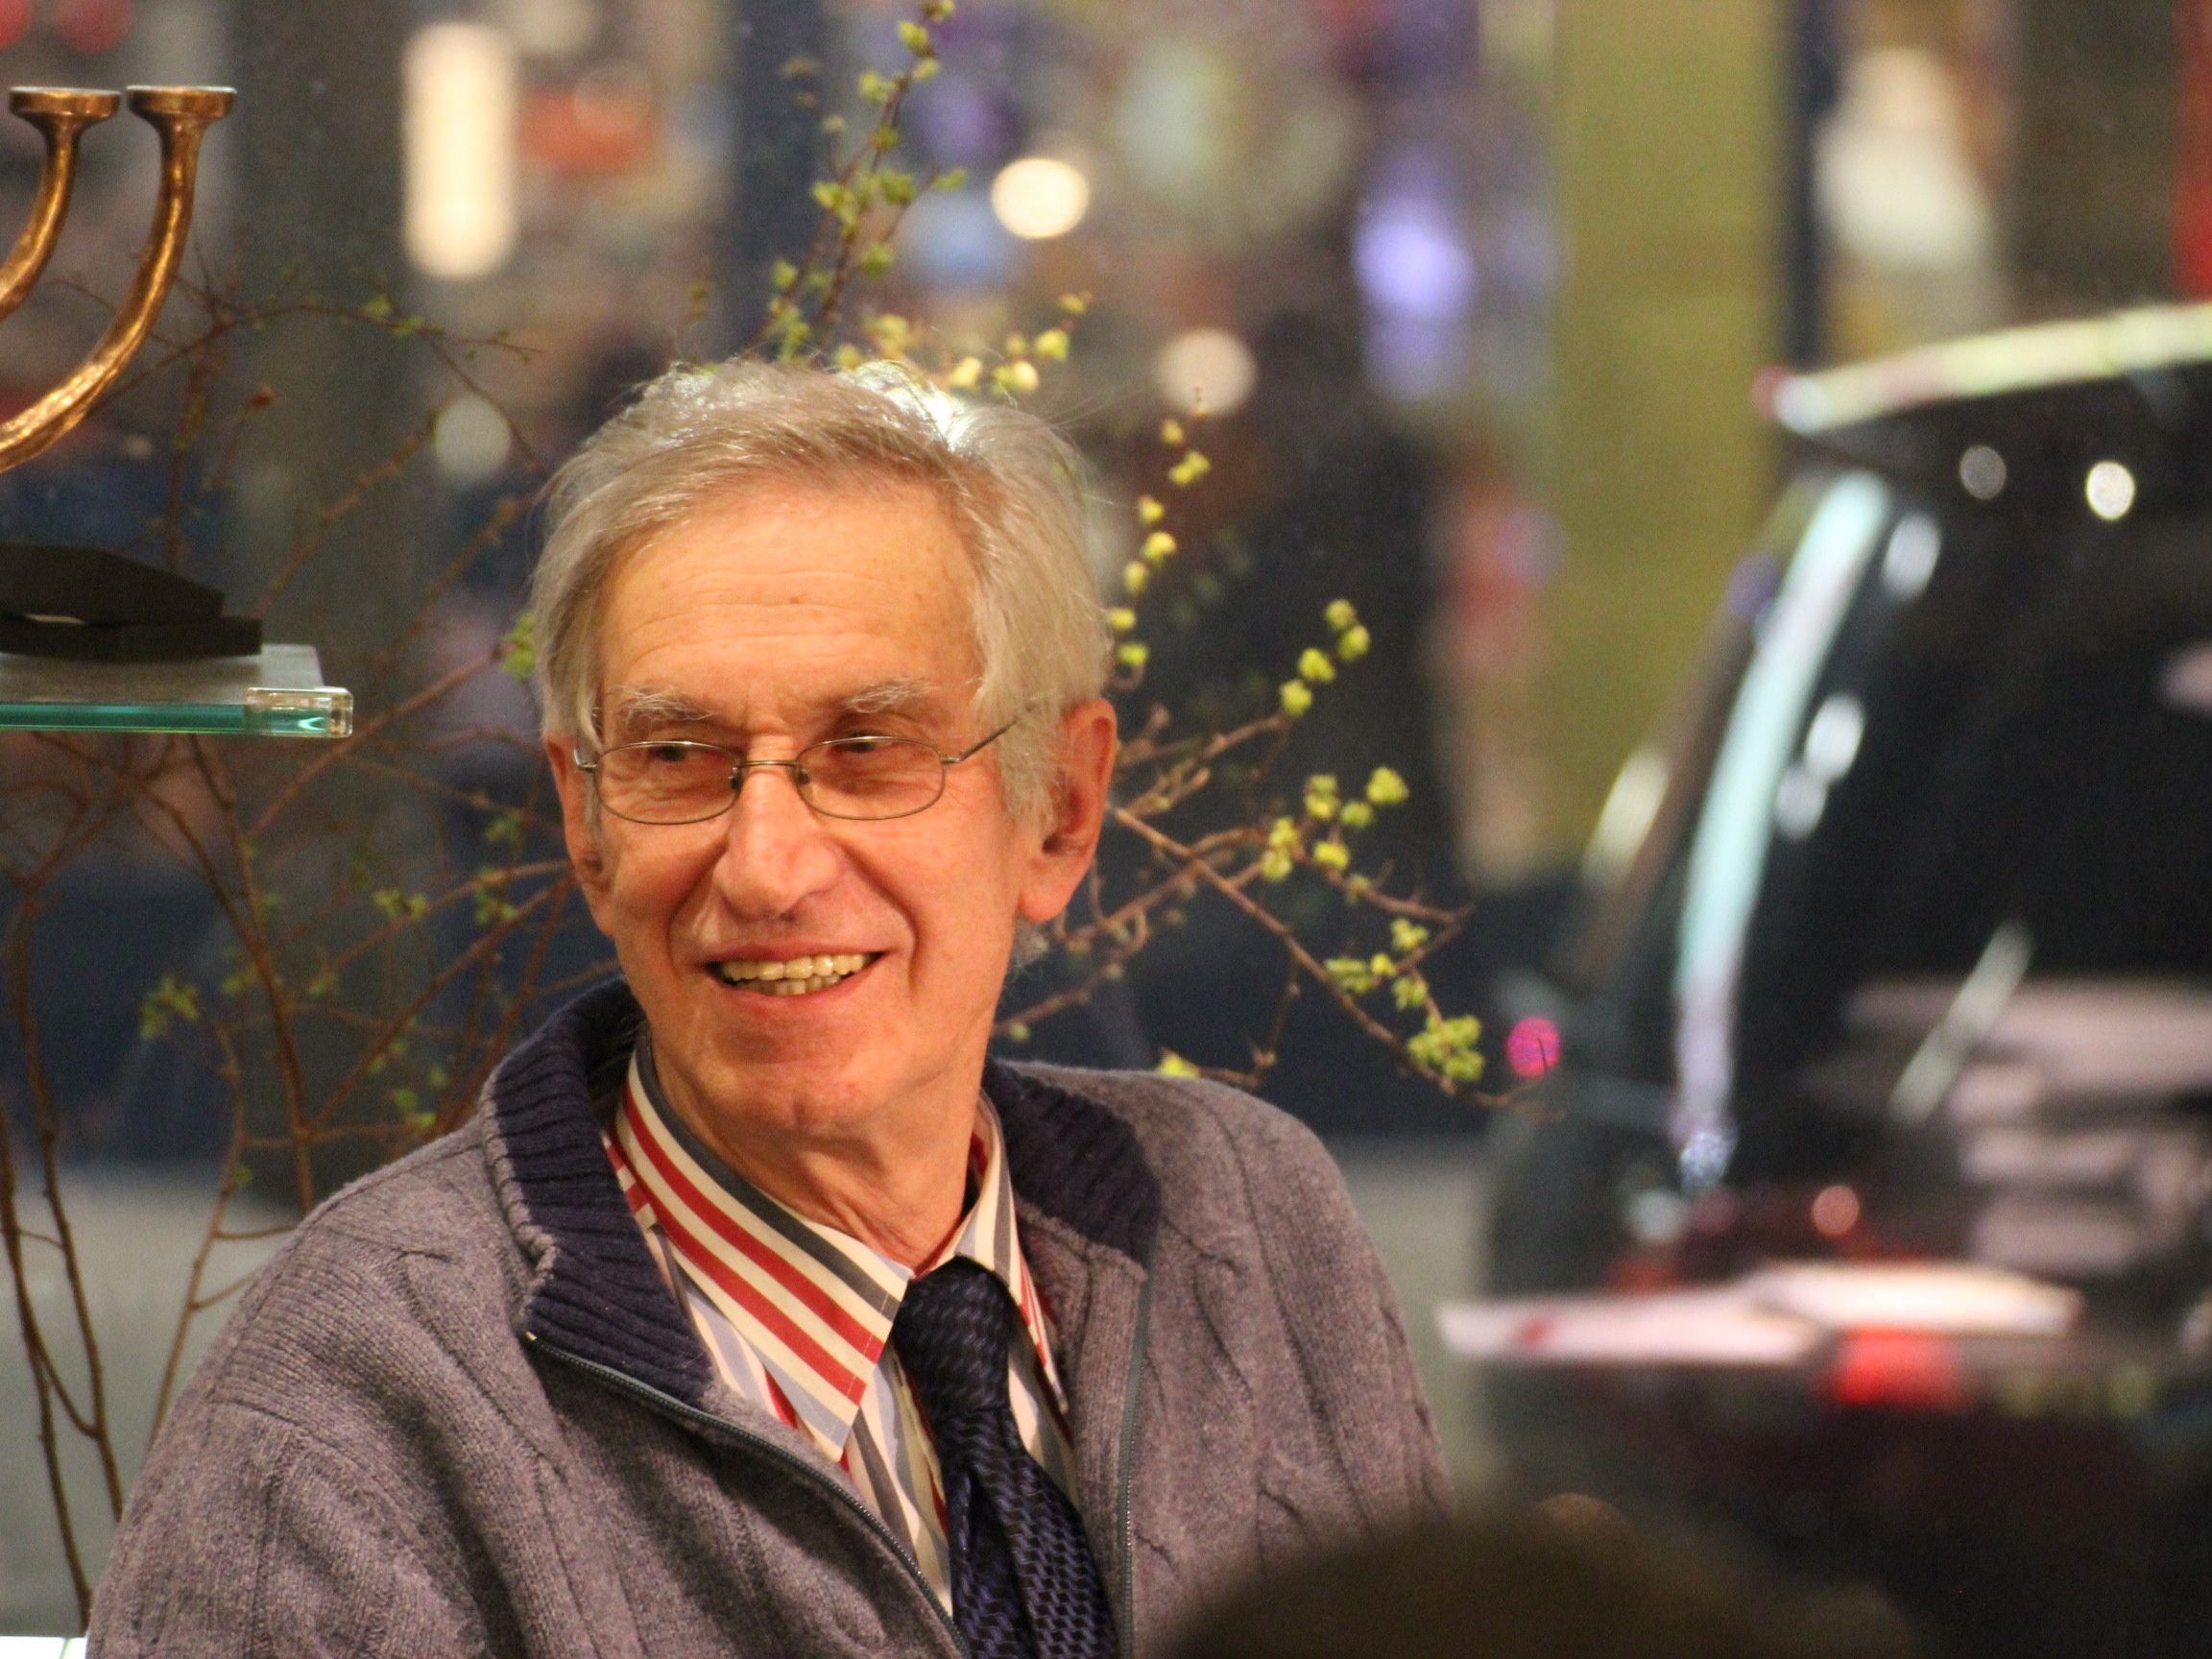 Pfr. Elmar Simma während der Vorstellung seines jüngsten Buches in der ARCHE Begenz.